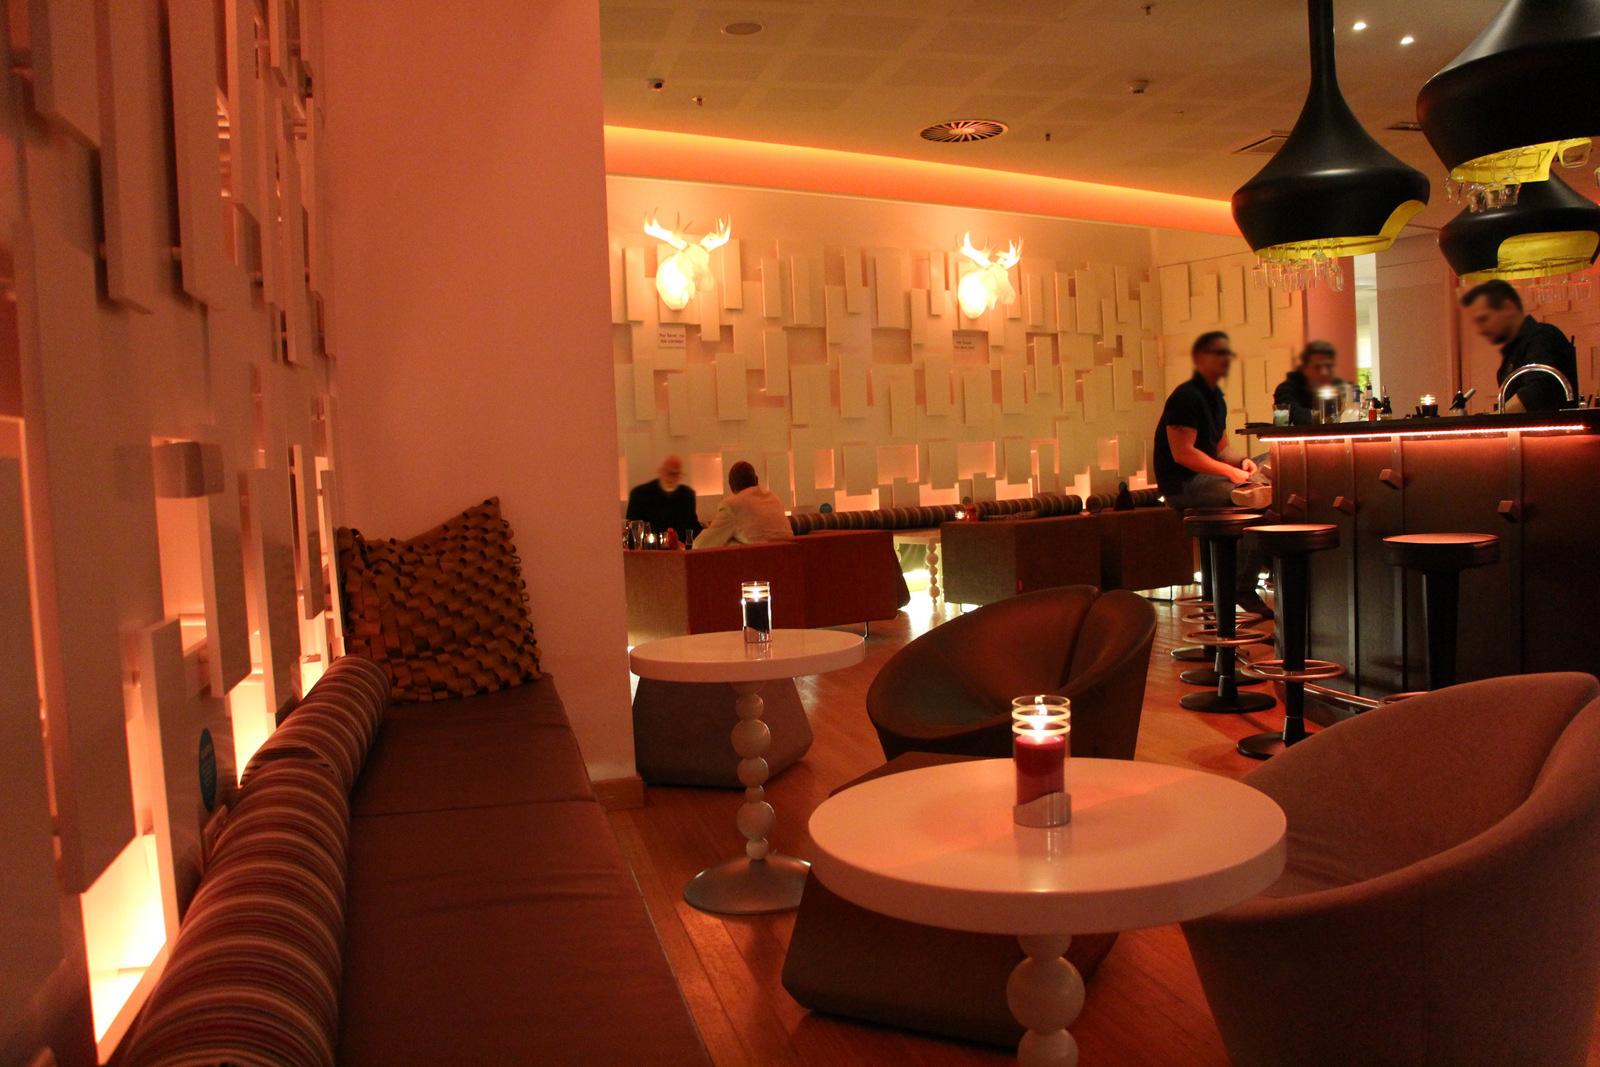 scandic-hotel-potsdamerplatz-9